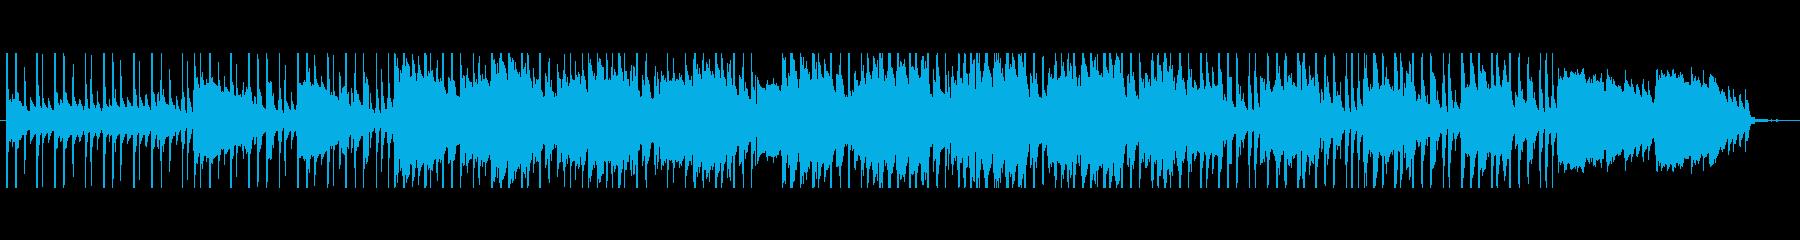 森の中を歩くBGMの再生済みの波形